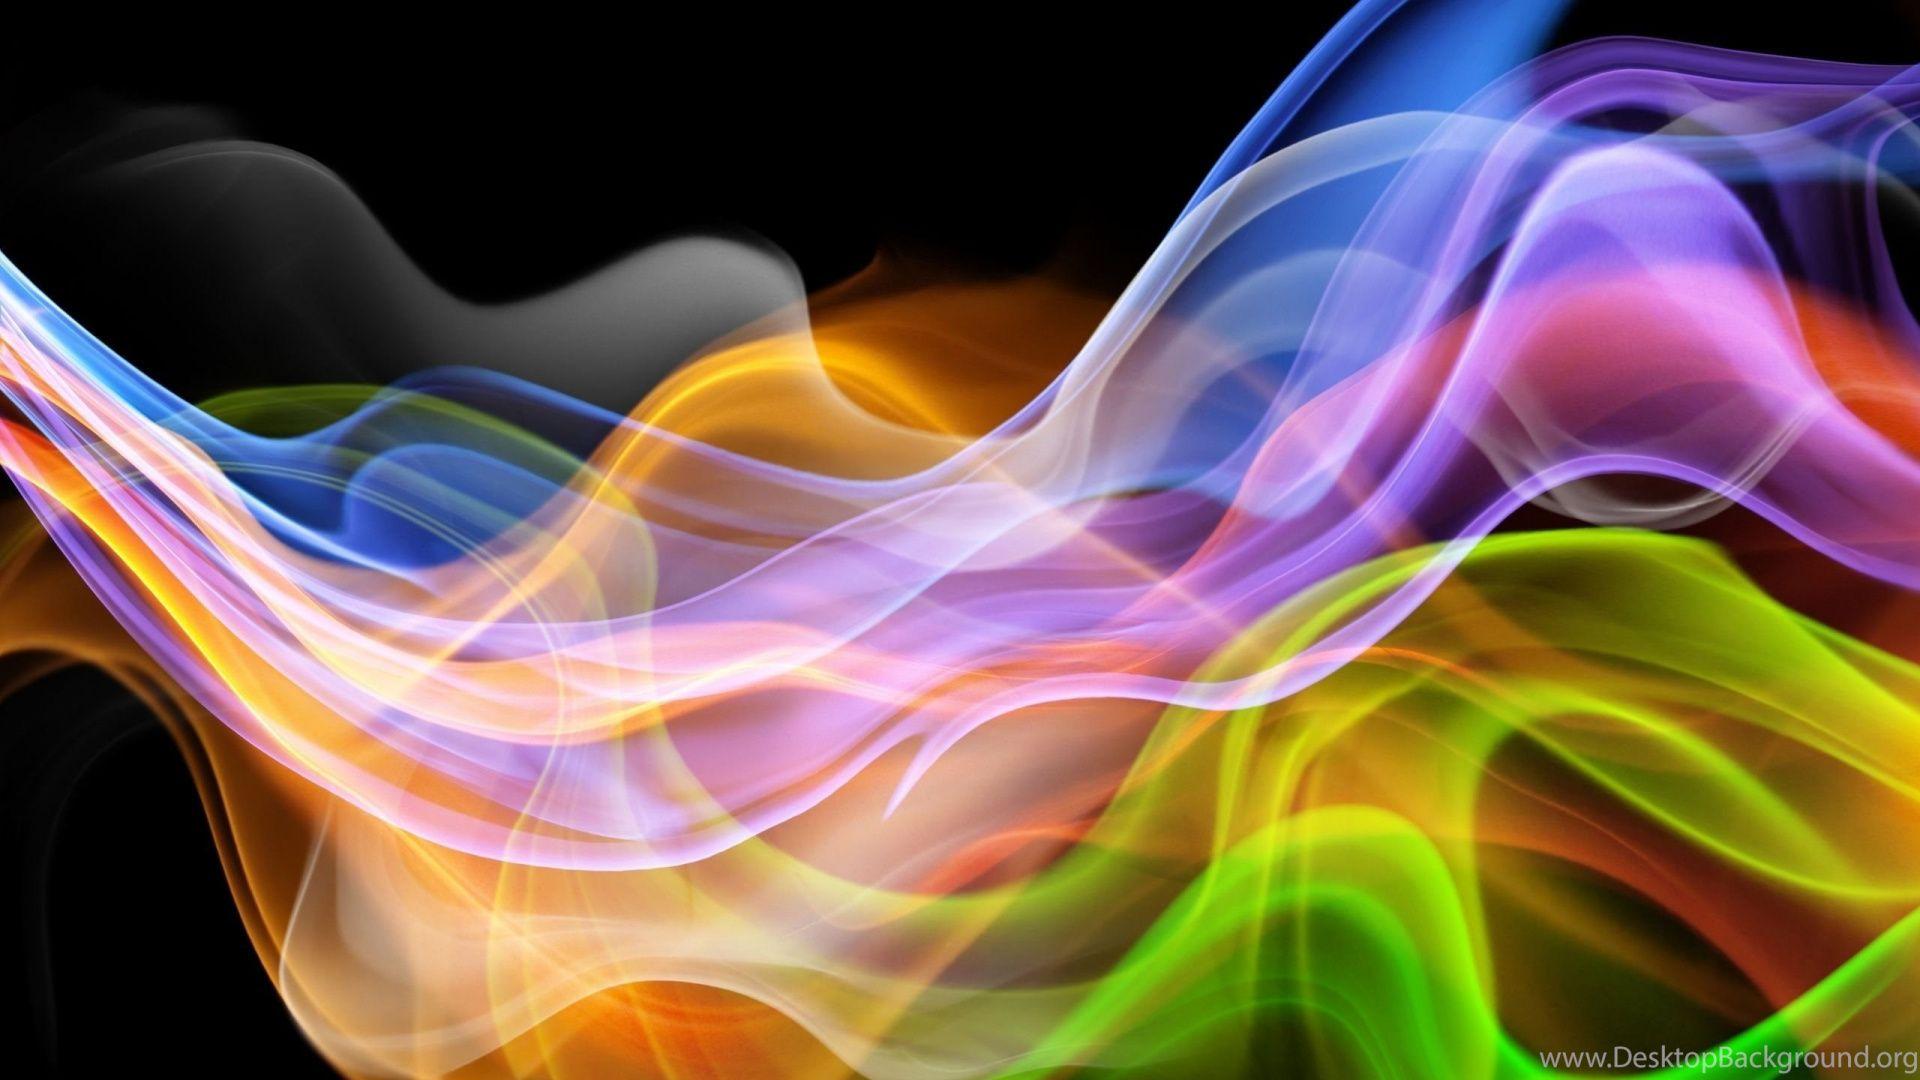 Vibrant 1080p picture